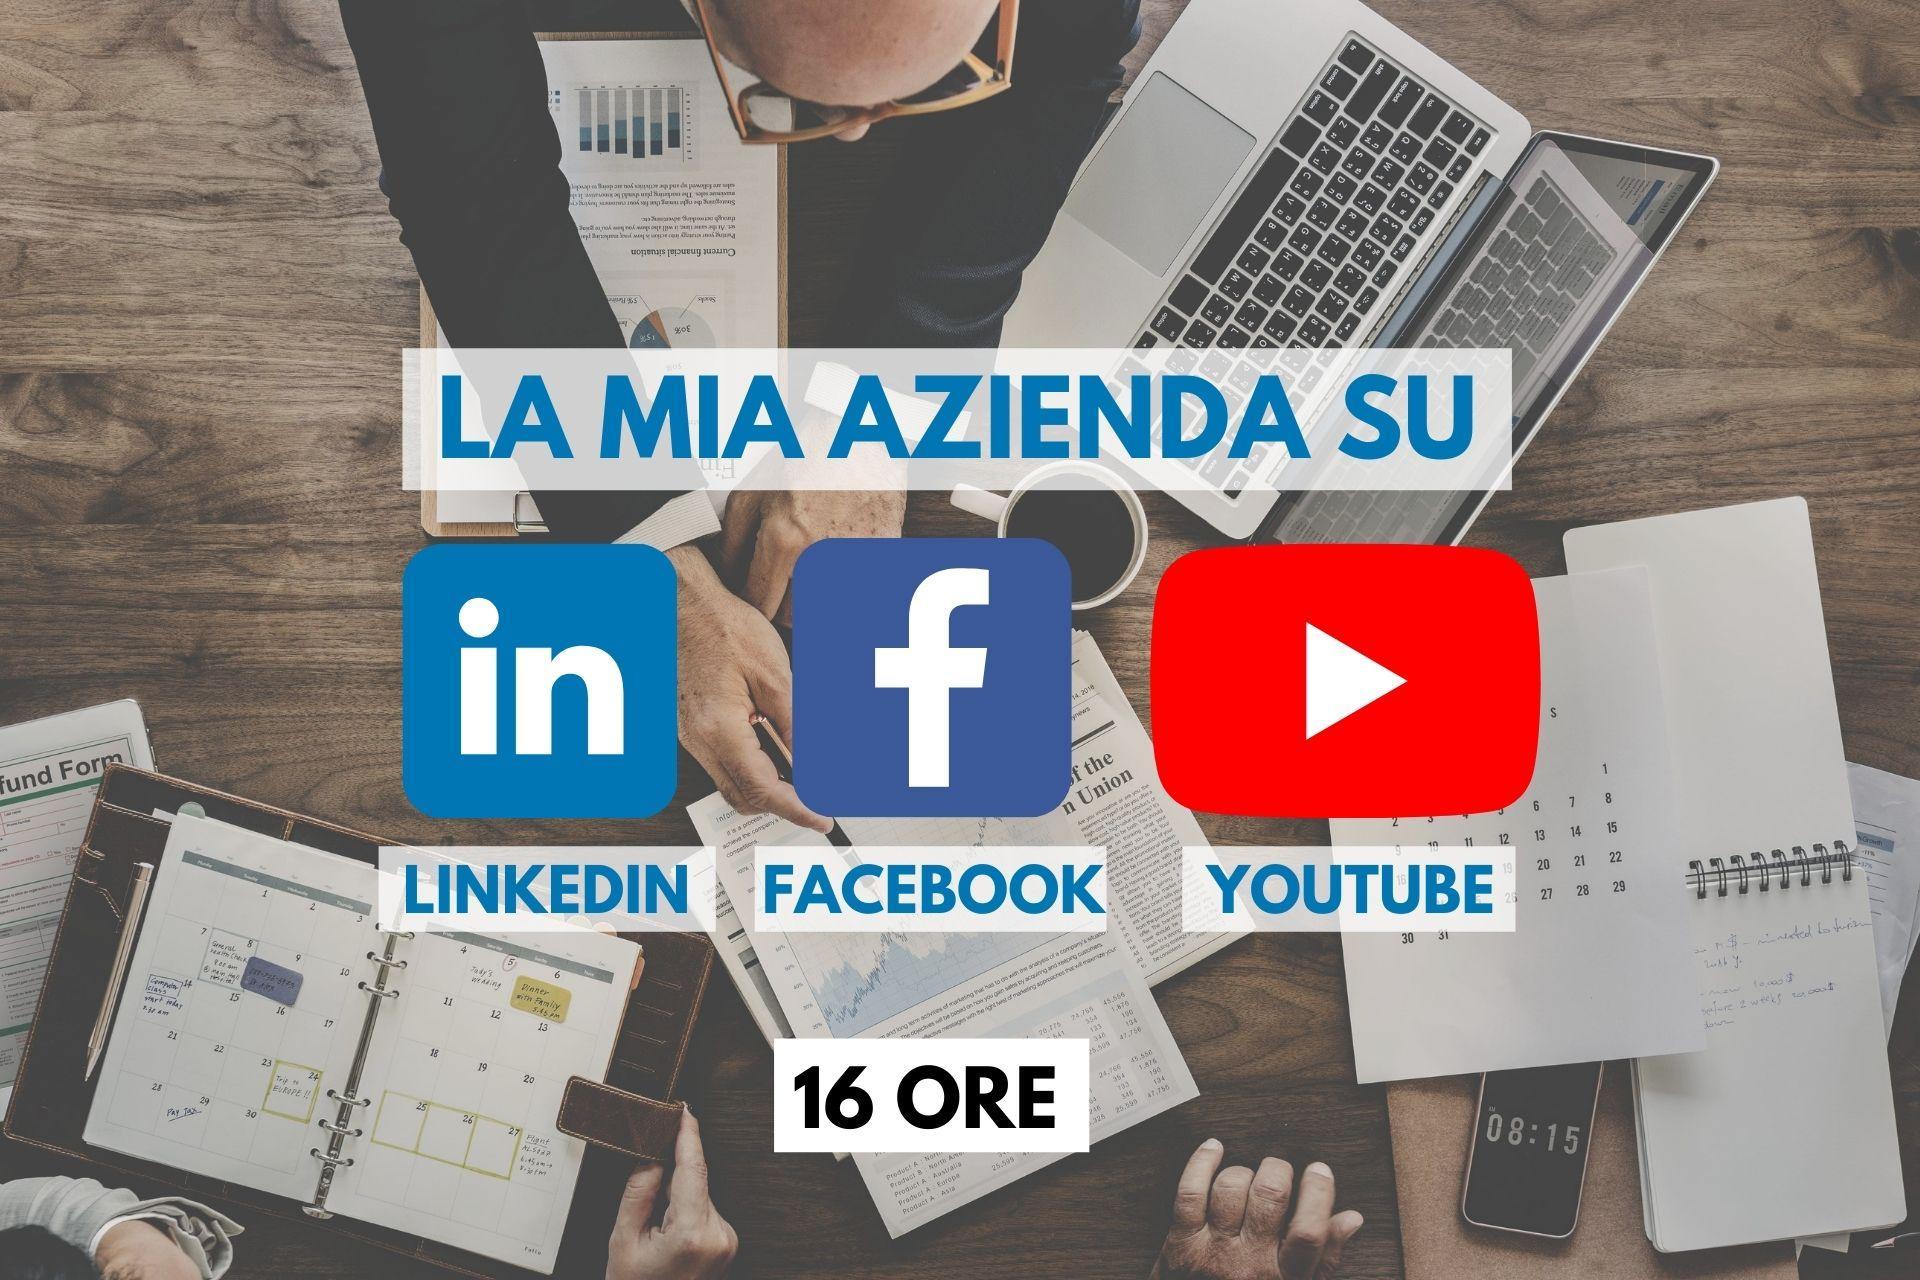 La mia azienda su Linkedin, Facebook e Youtube - 16 ORE